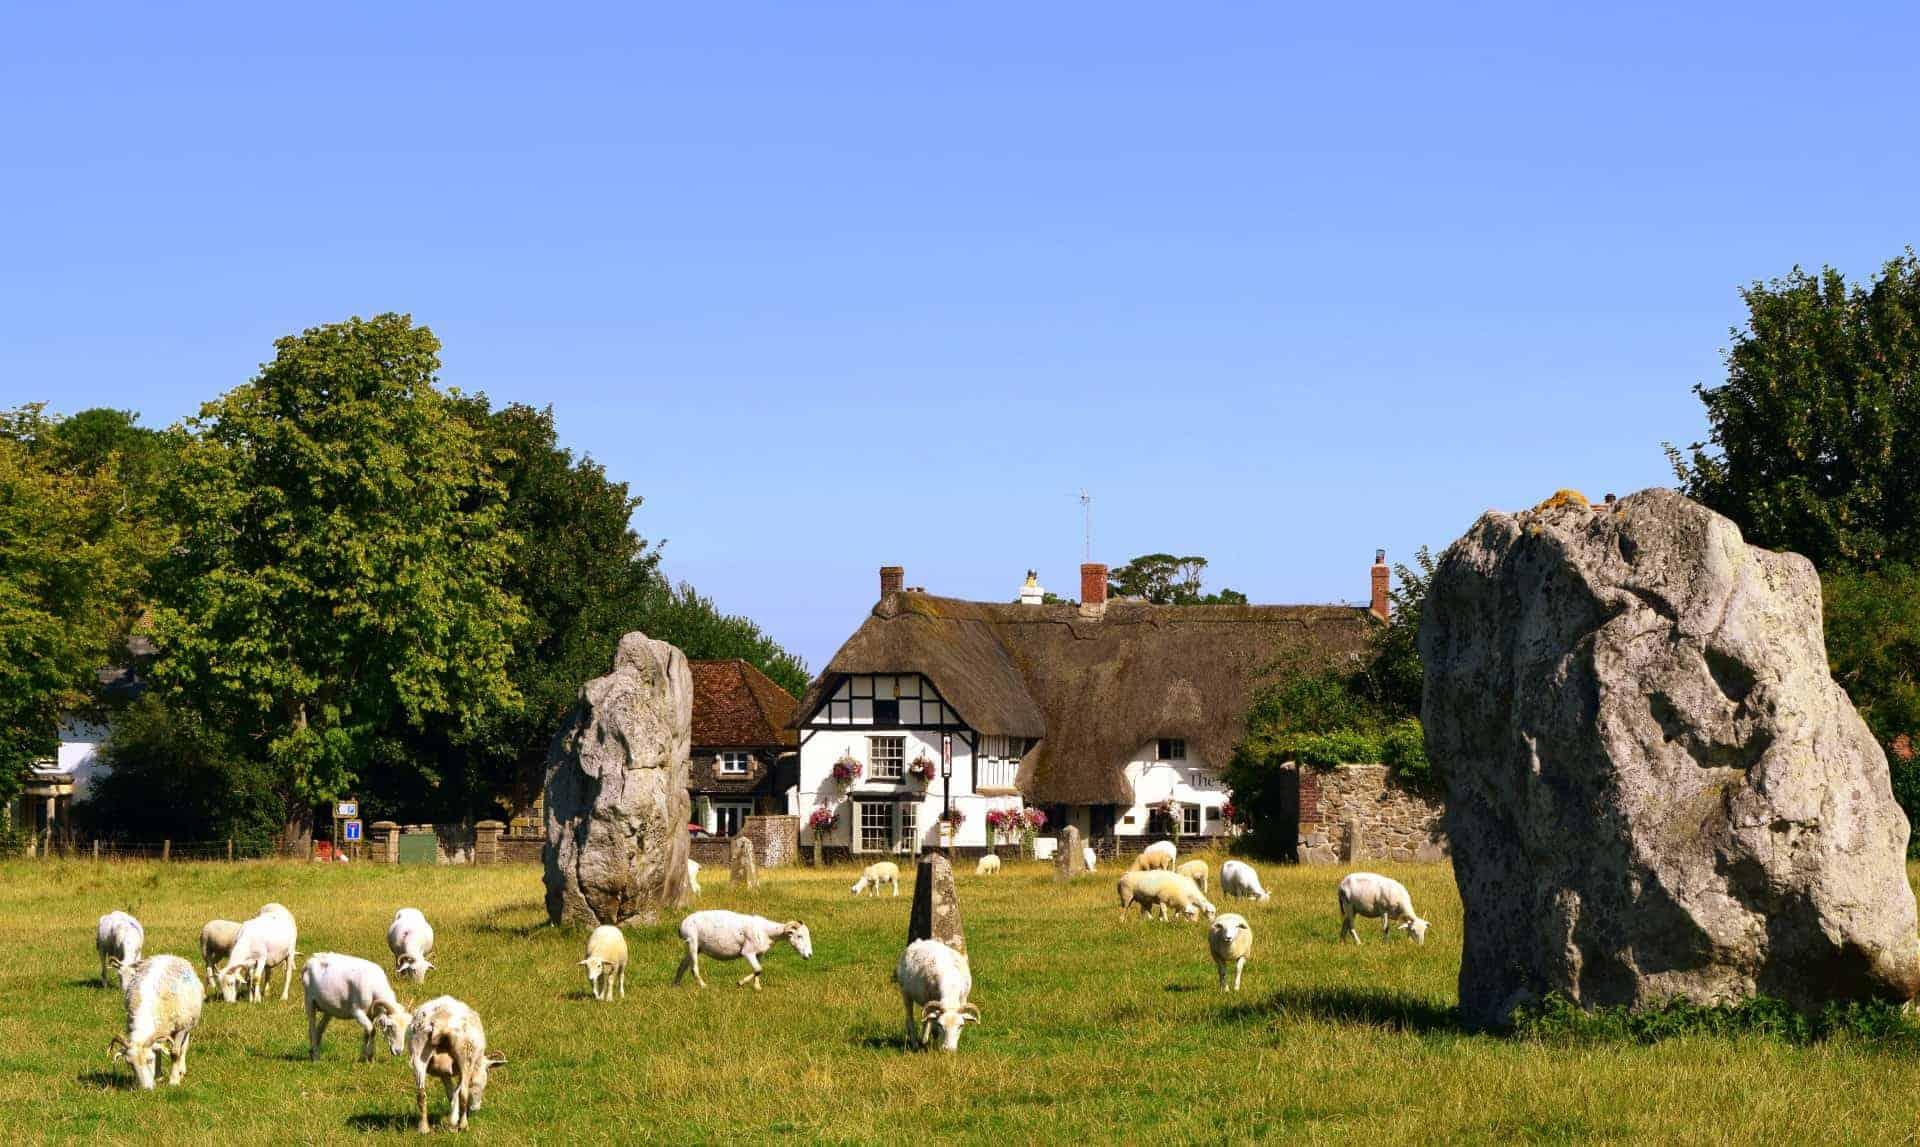 Avebury standing stones UK